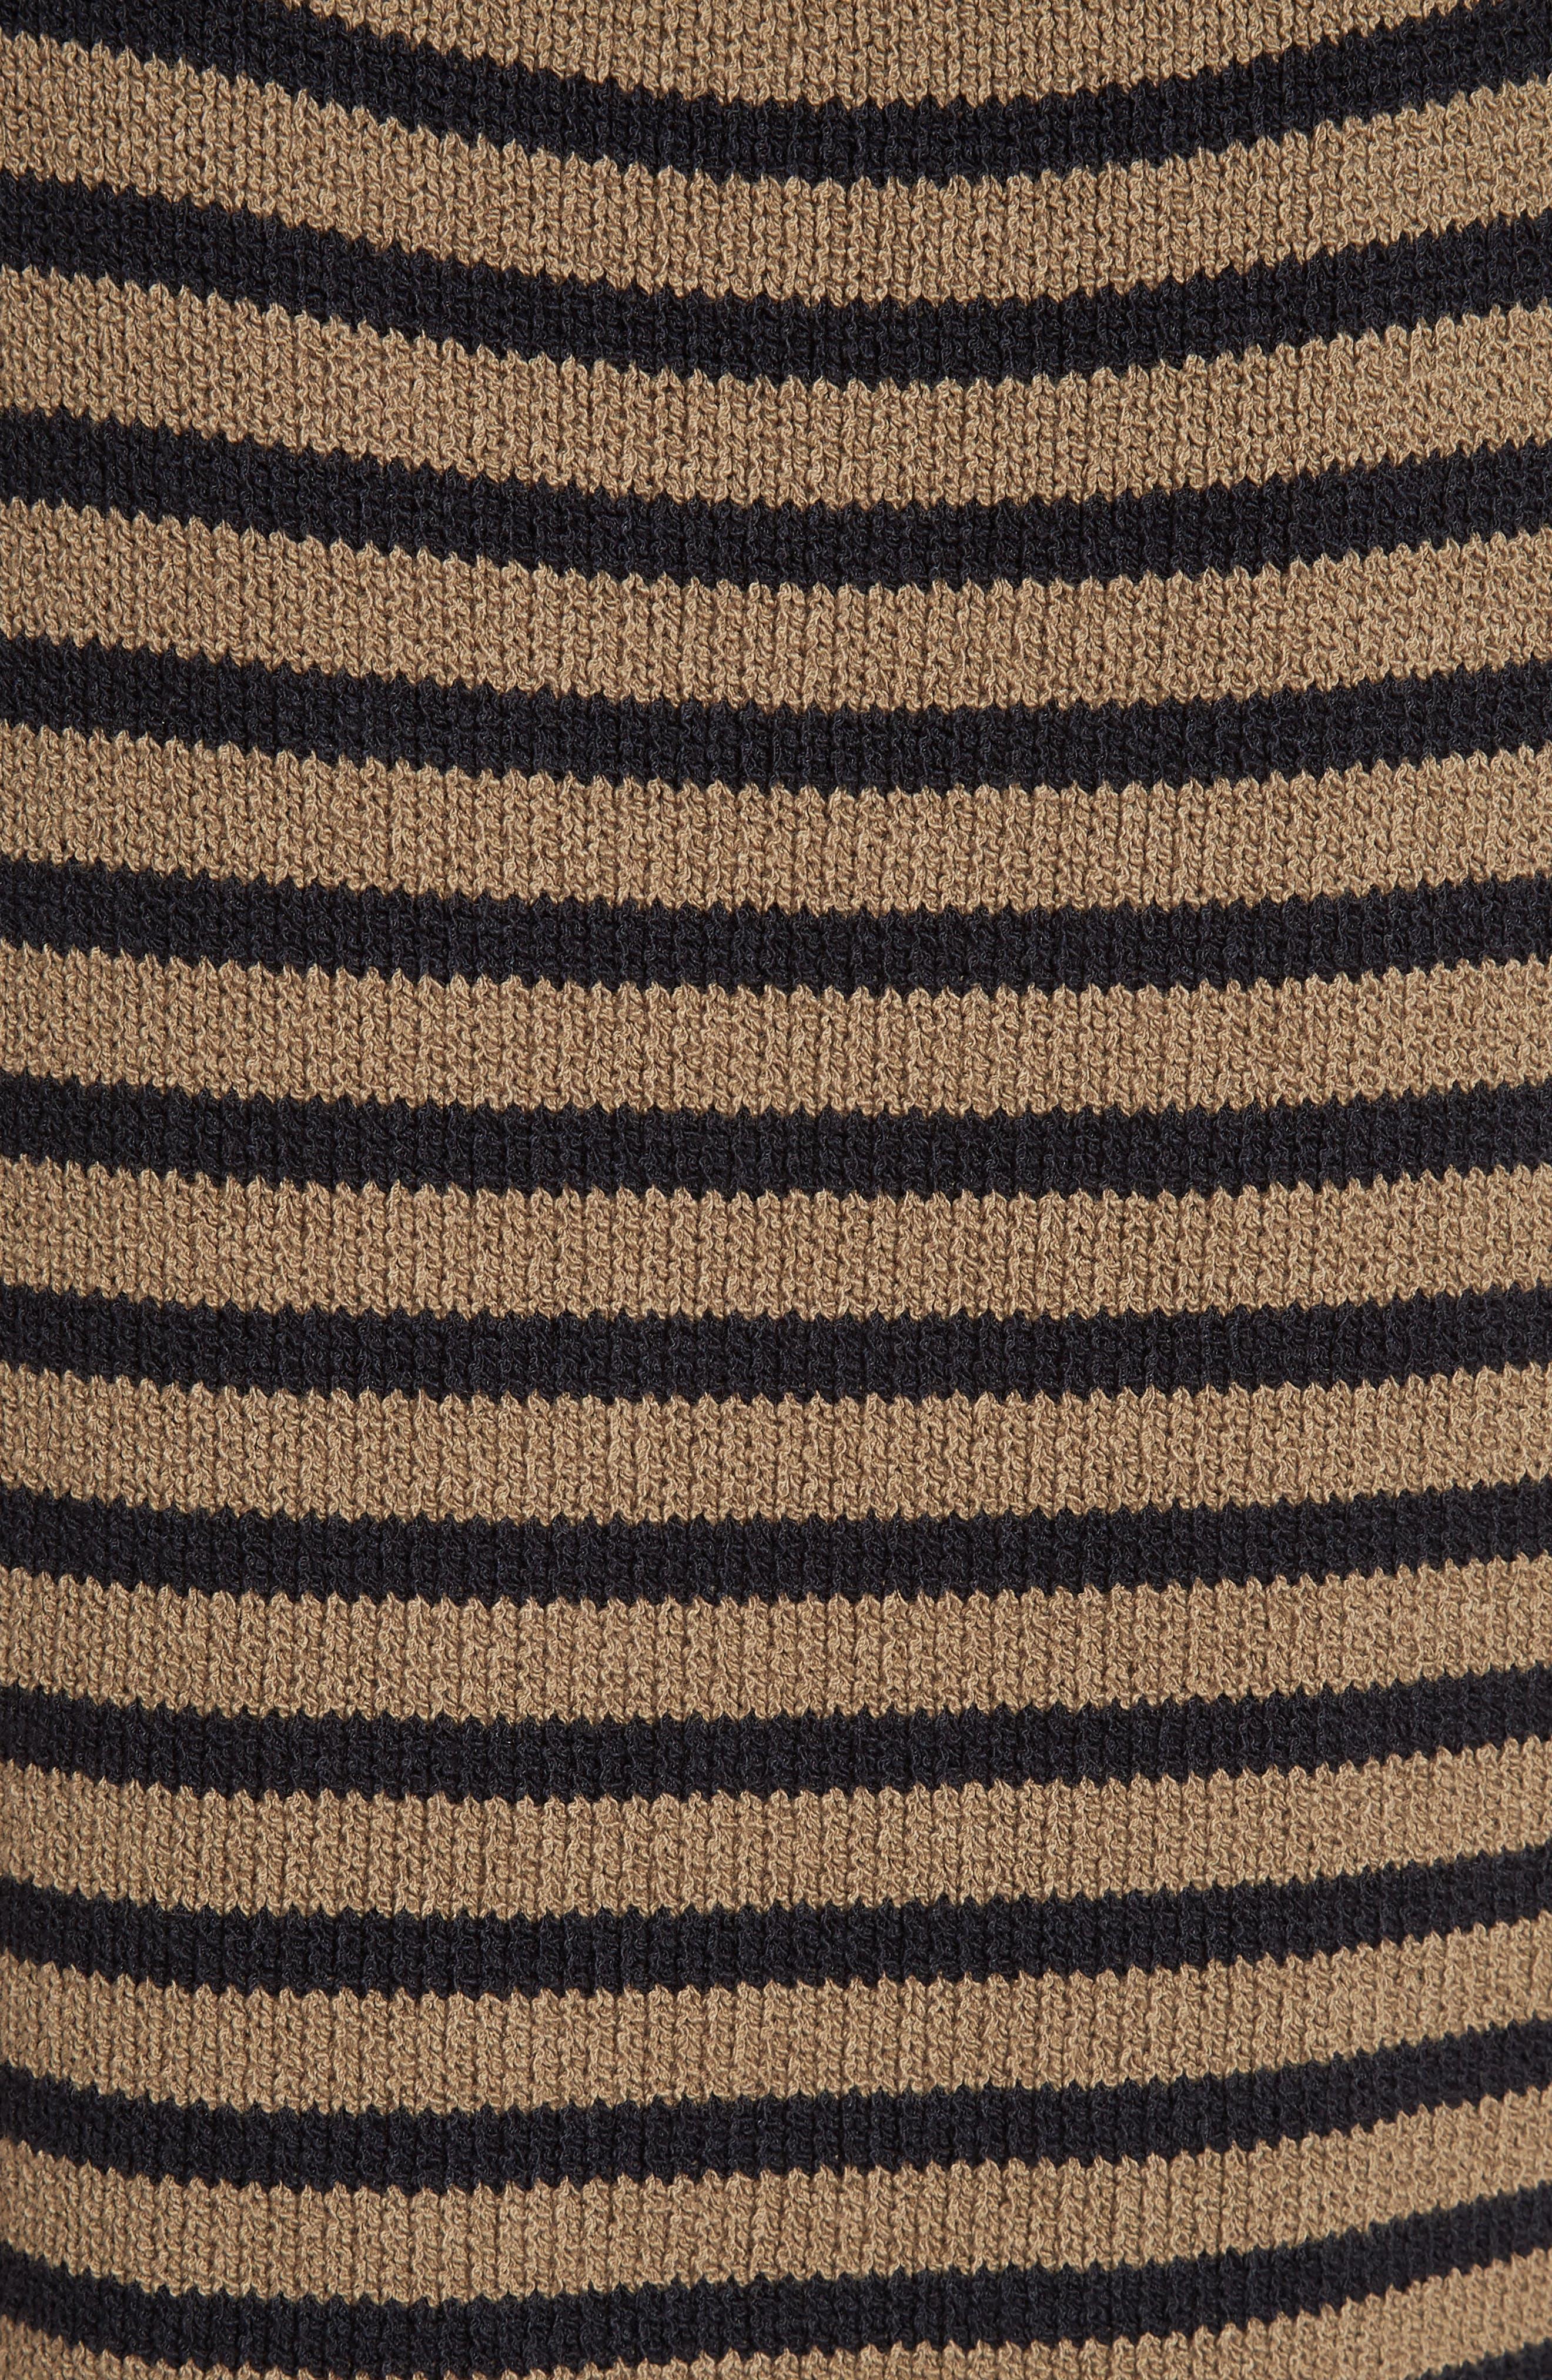 Stripe Knit Tank,                             Alternate thumbnail 3, color,                             300